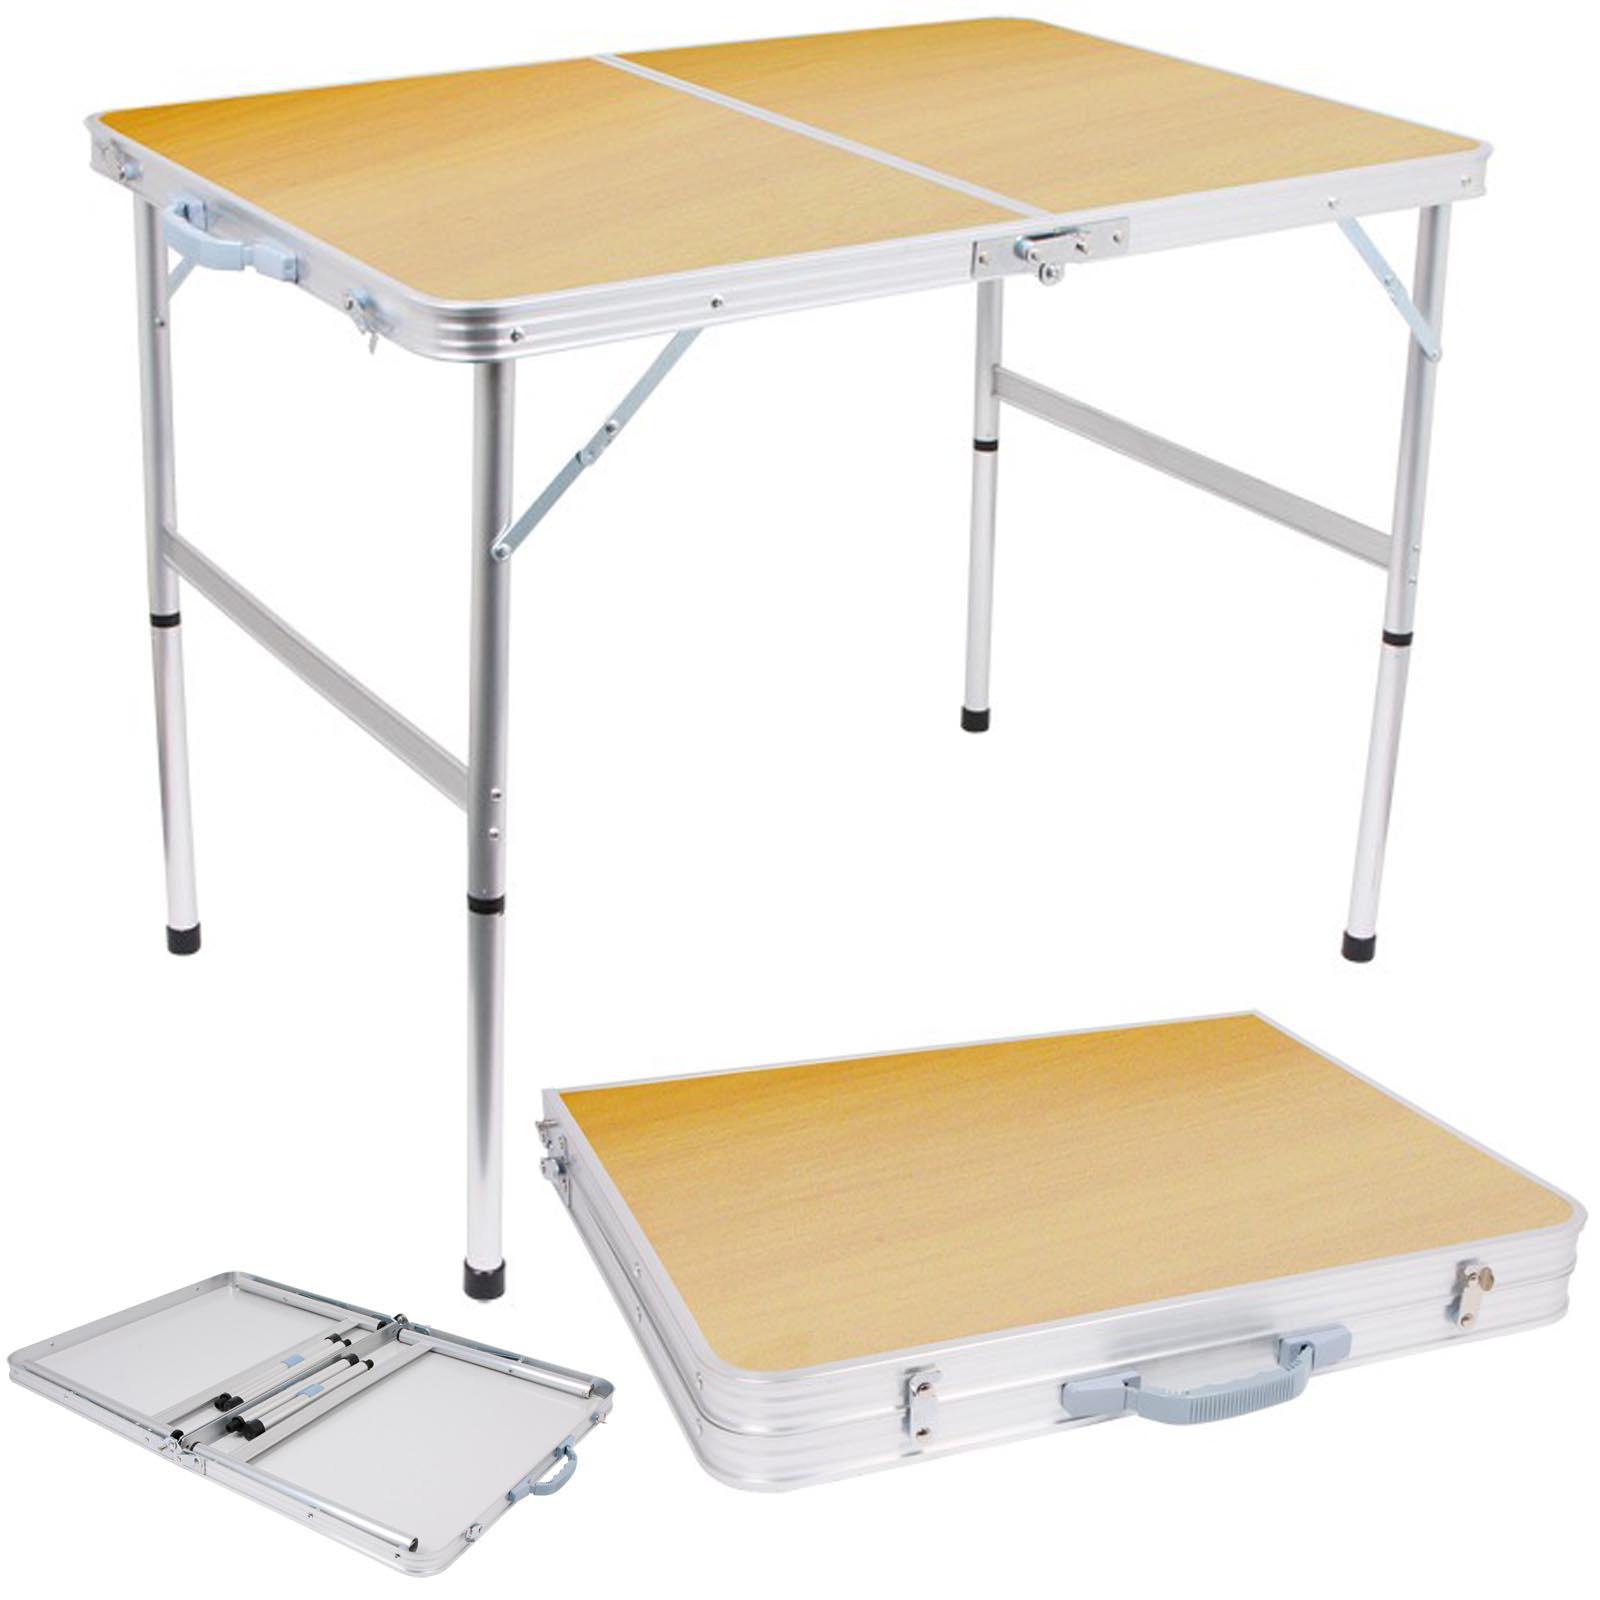 Tavolo pieghevole da pic nic in alluminio accessorio per camper campeggio ebay - Tavolo pieghevole con maniglia ...